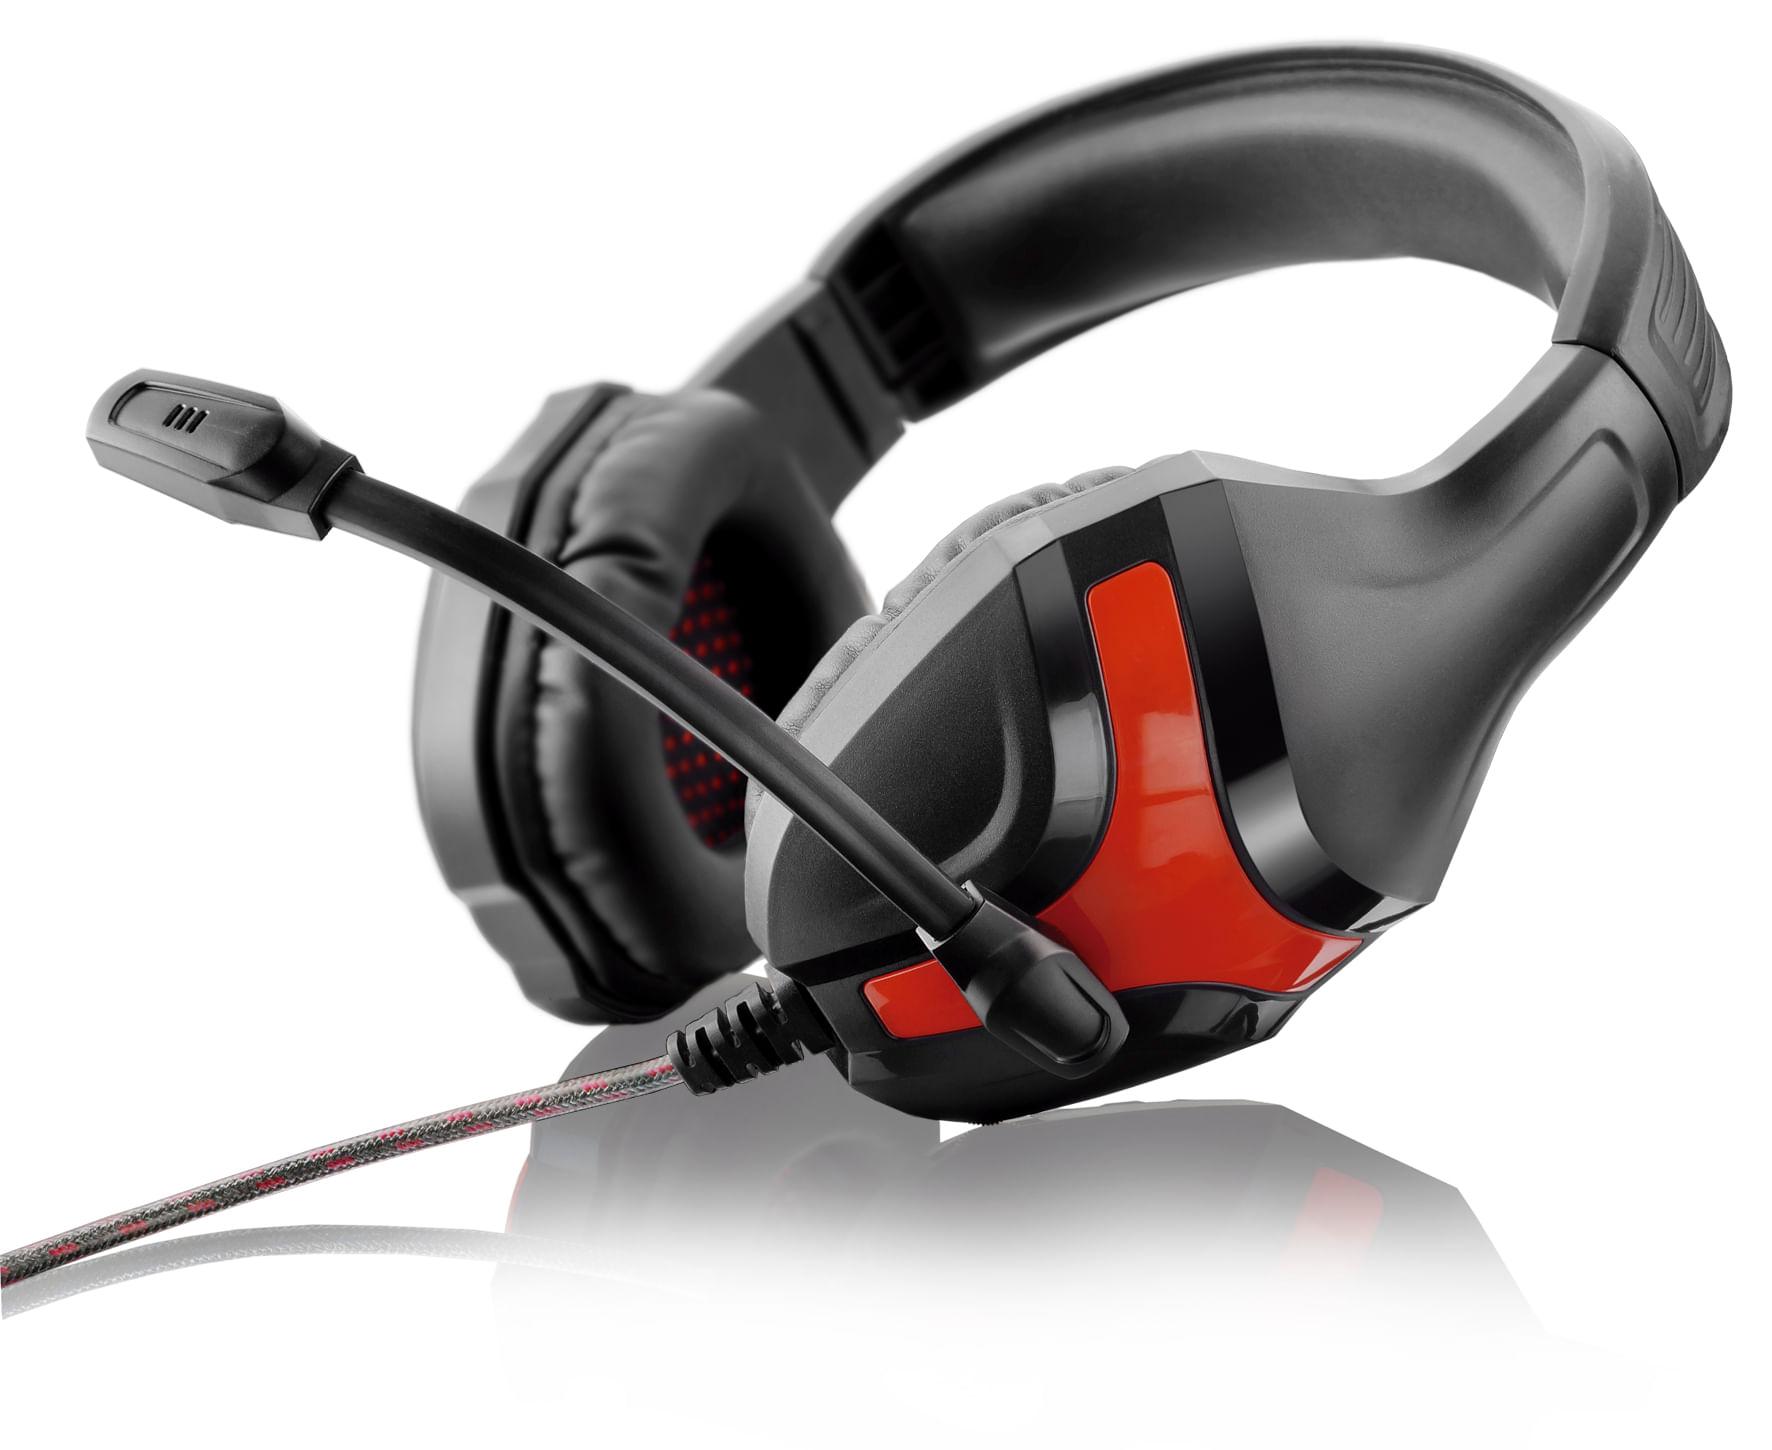 Headset Gamer Warrior Harve P2 Stereo Preto/Vermelho - PH101